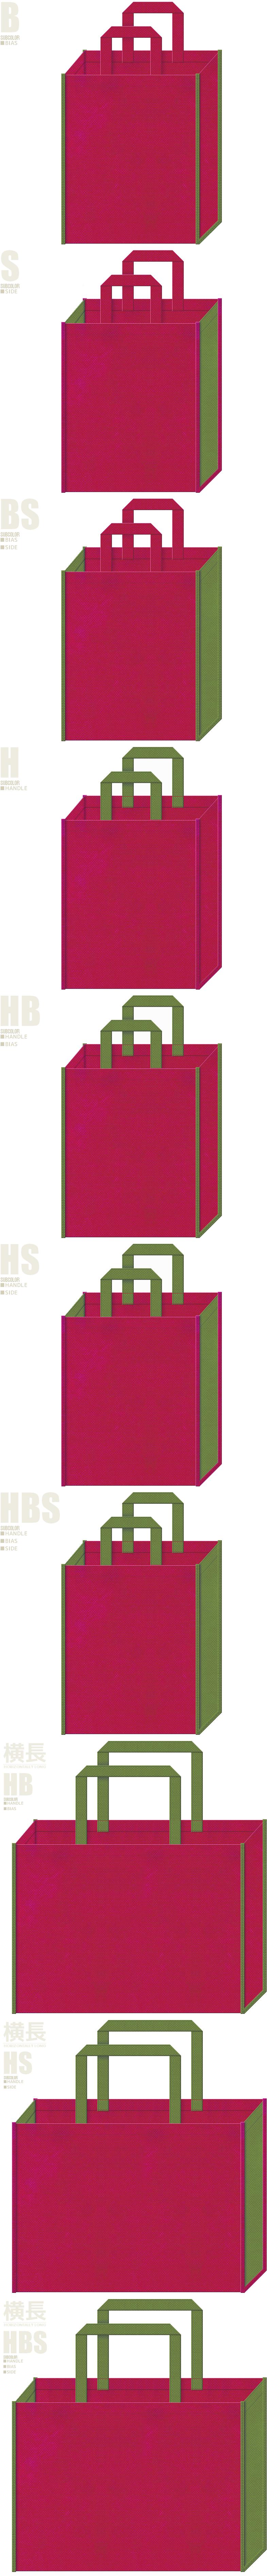 濃いピンク色と草色、7パターンの不織布トートバッグ配色デザイン例。和風イベントのバッグノベルティにお奨めです。梅とメジロ風。